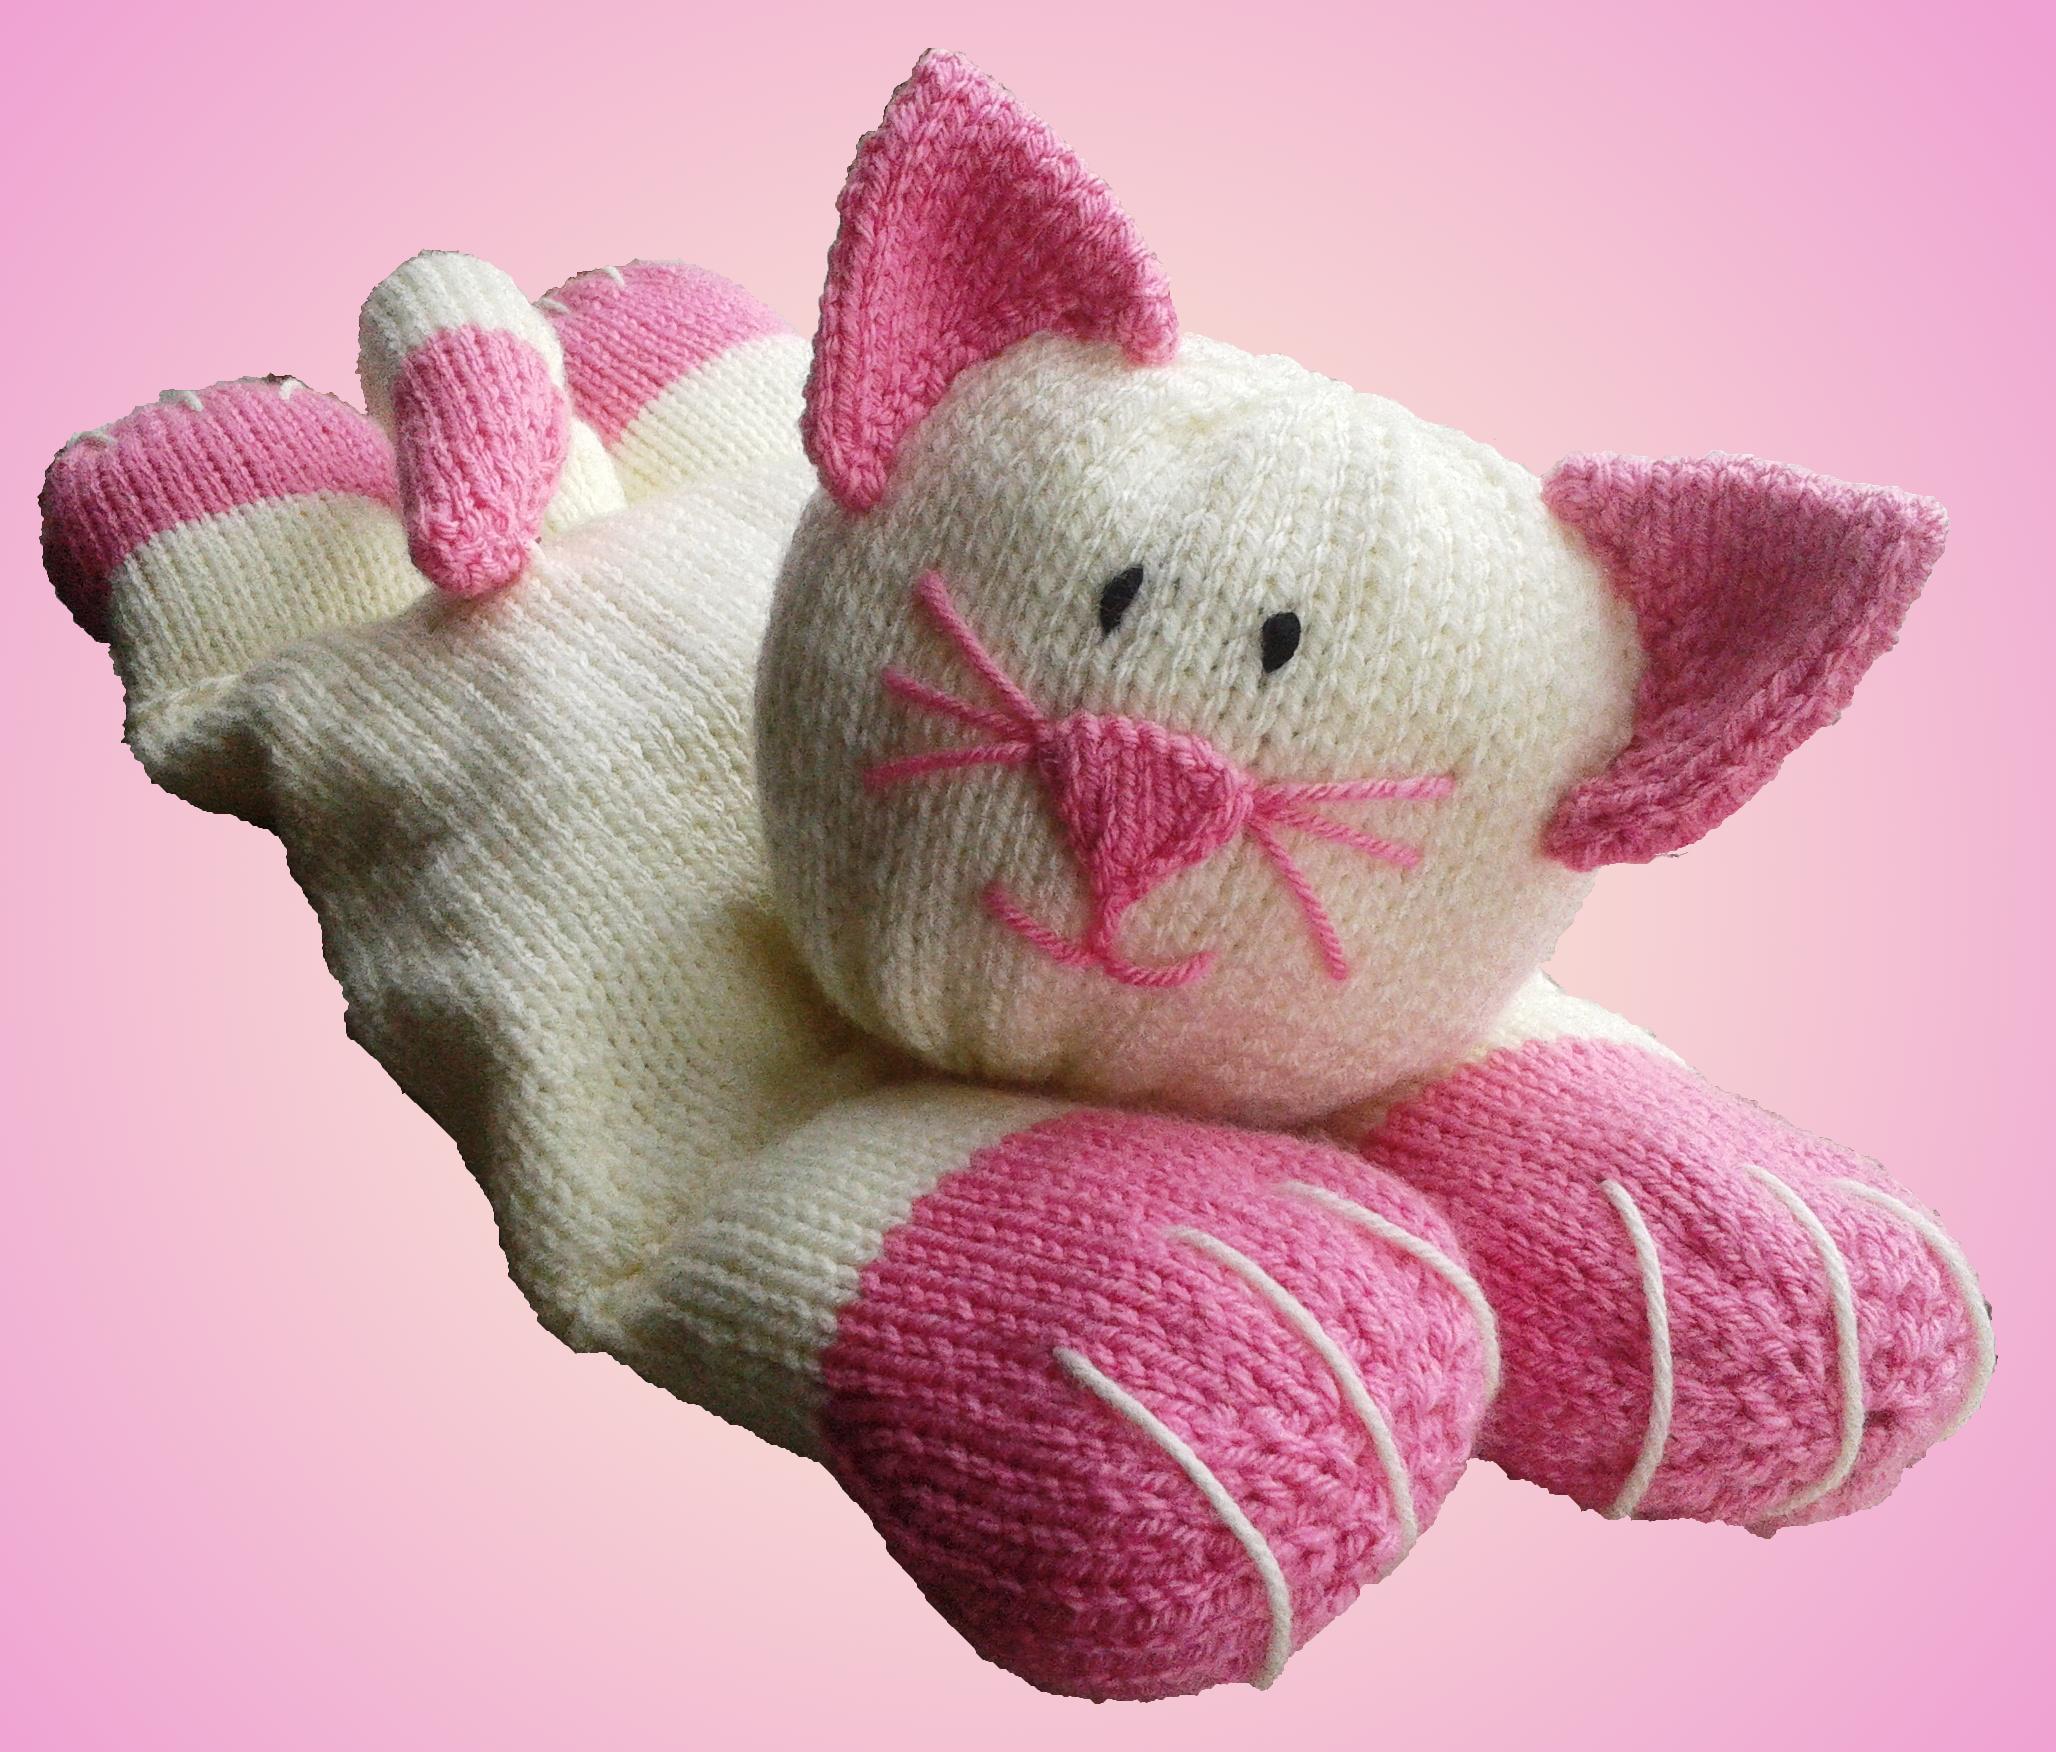 The Cat S Pyjamas Pyjama Case Knitting Pattern